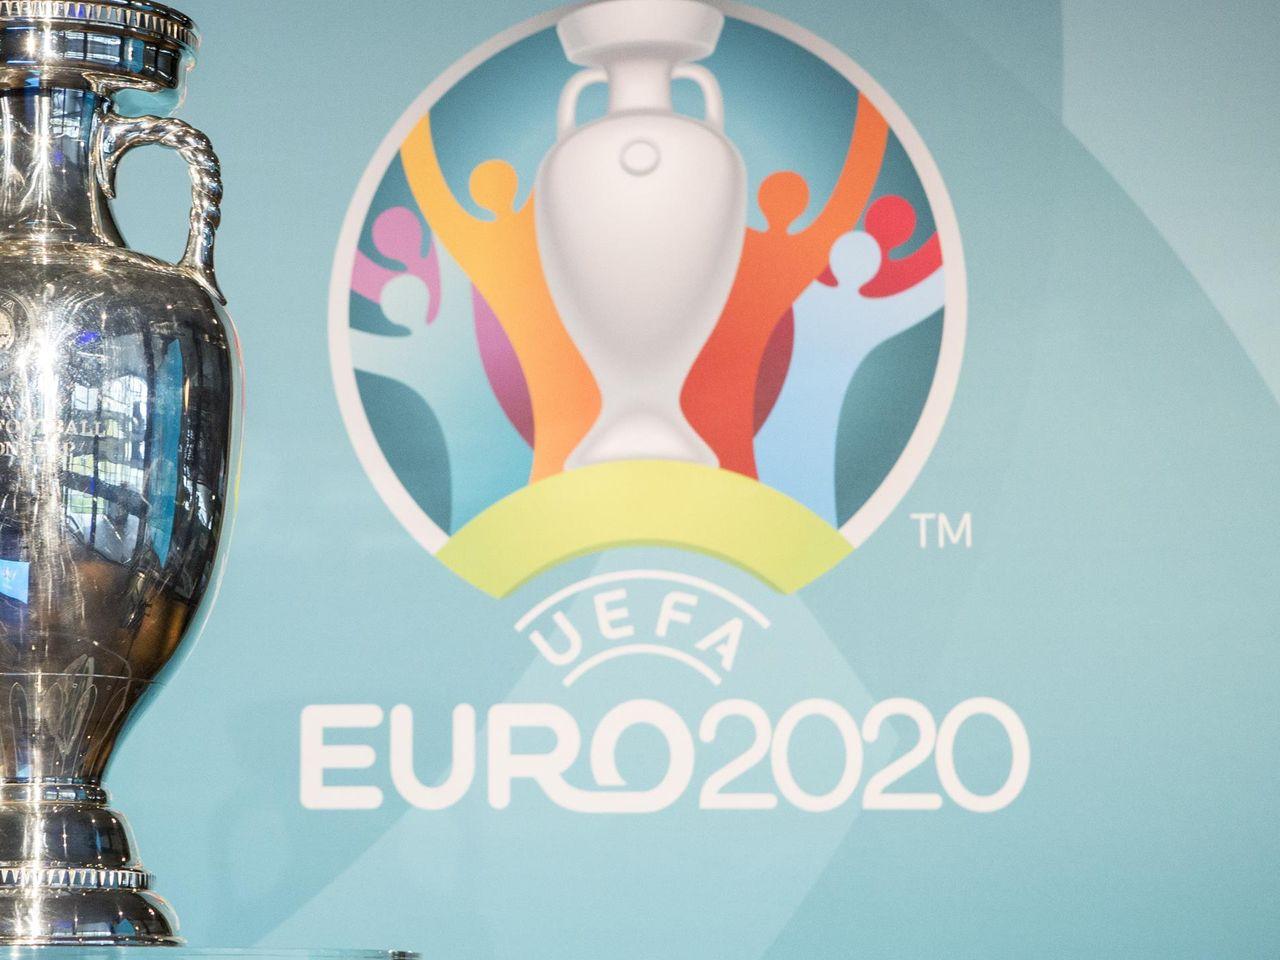 De ce EURO 2020 nu este EURO 2021?